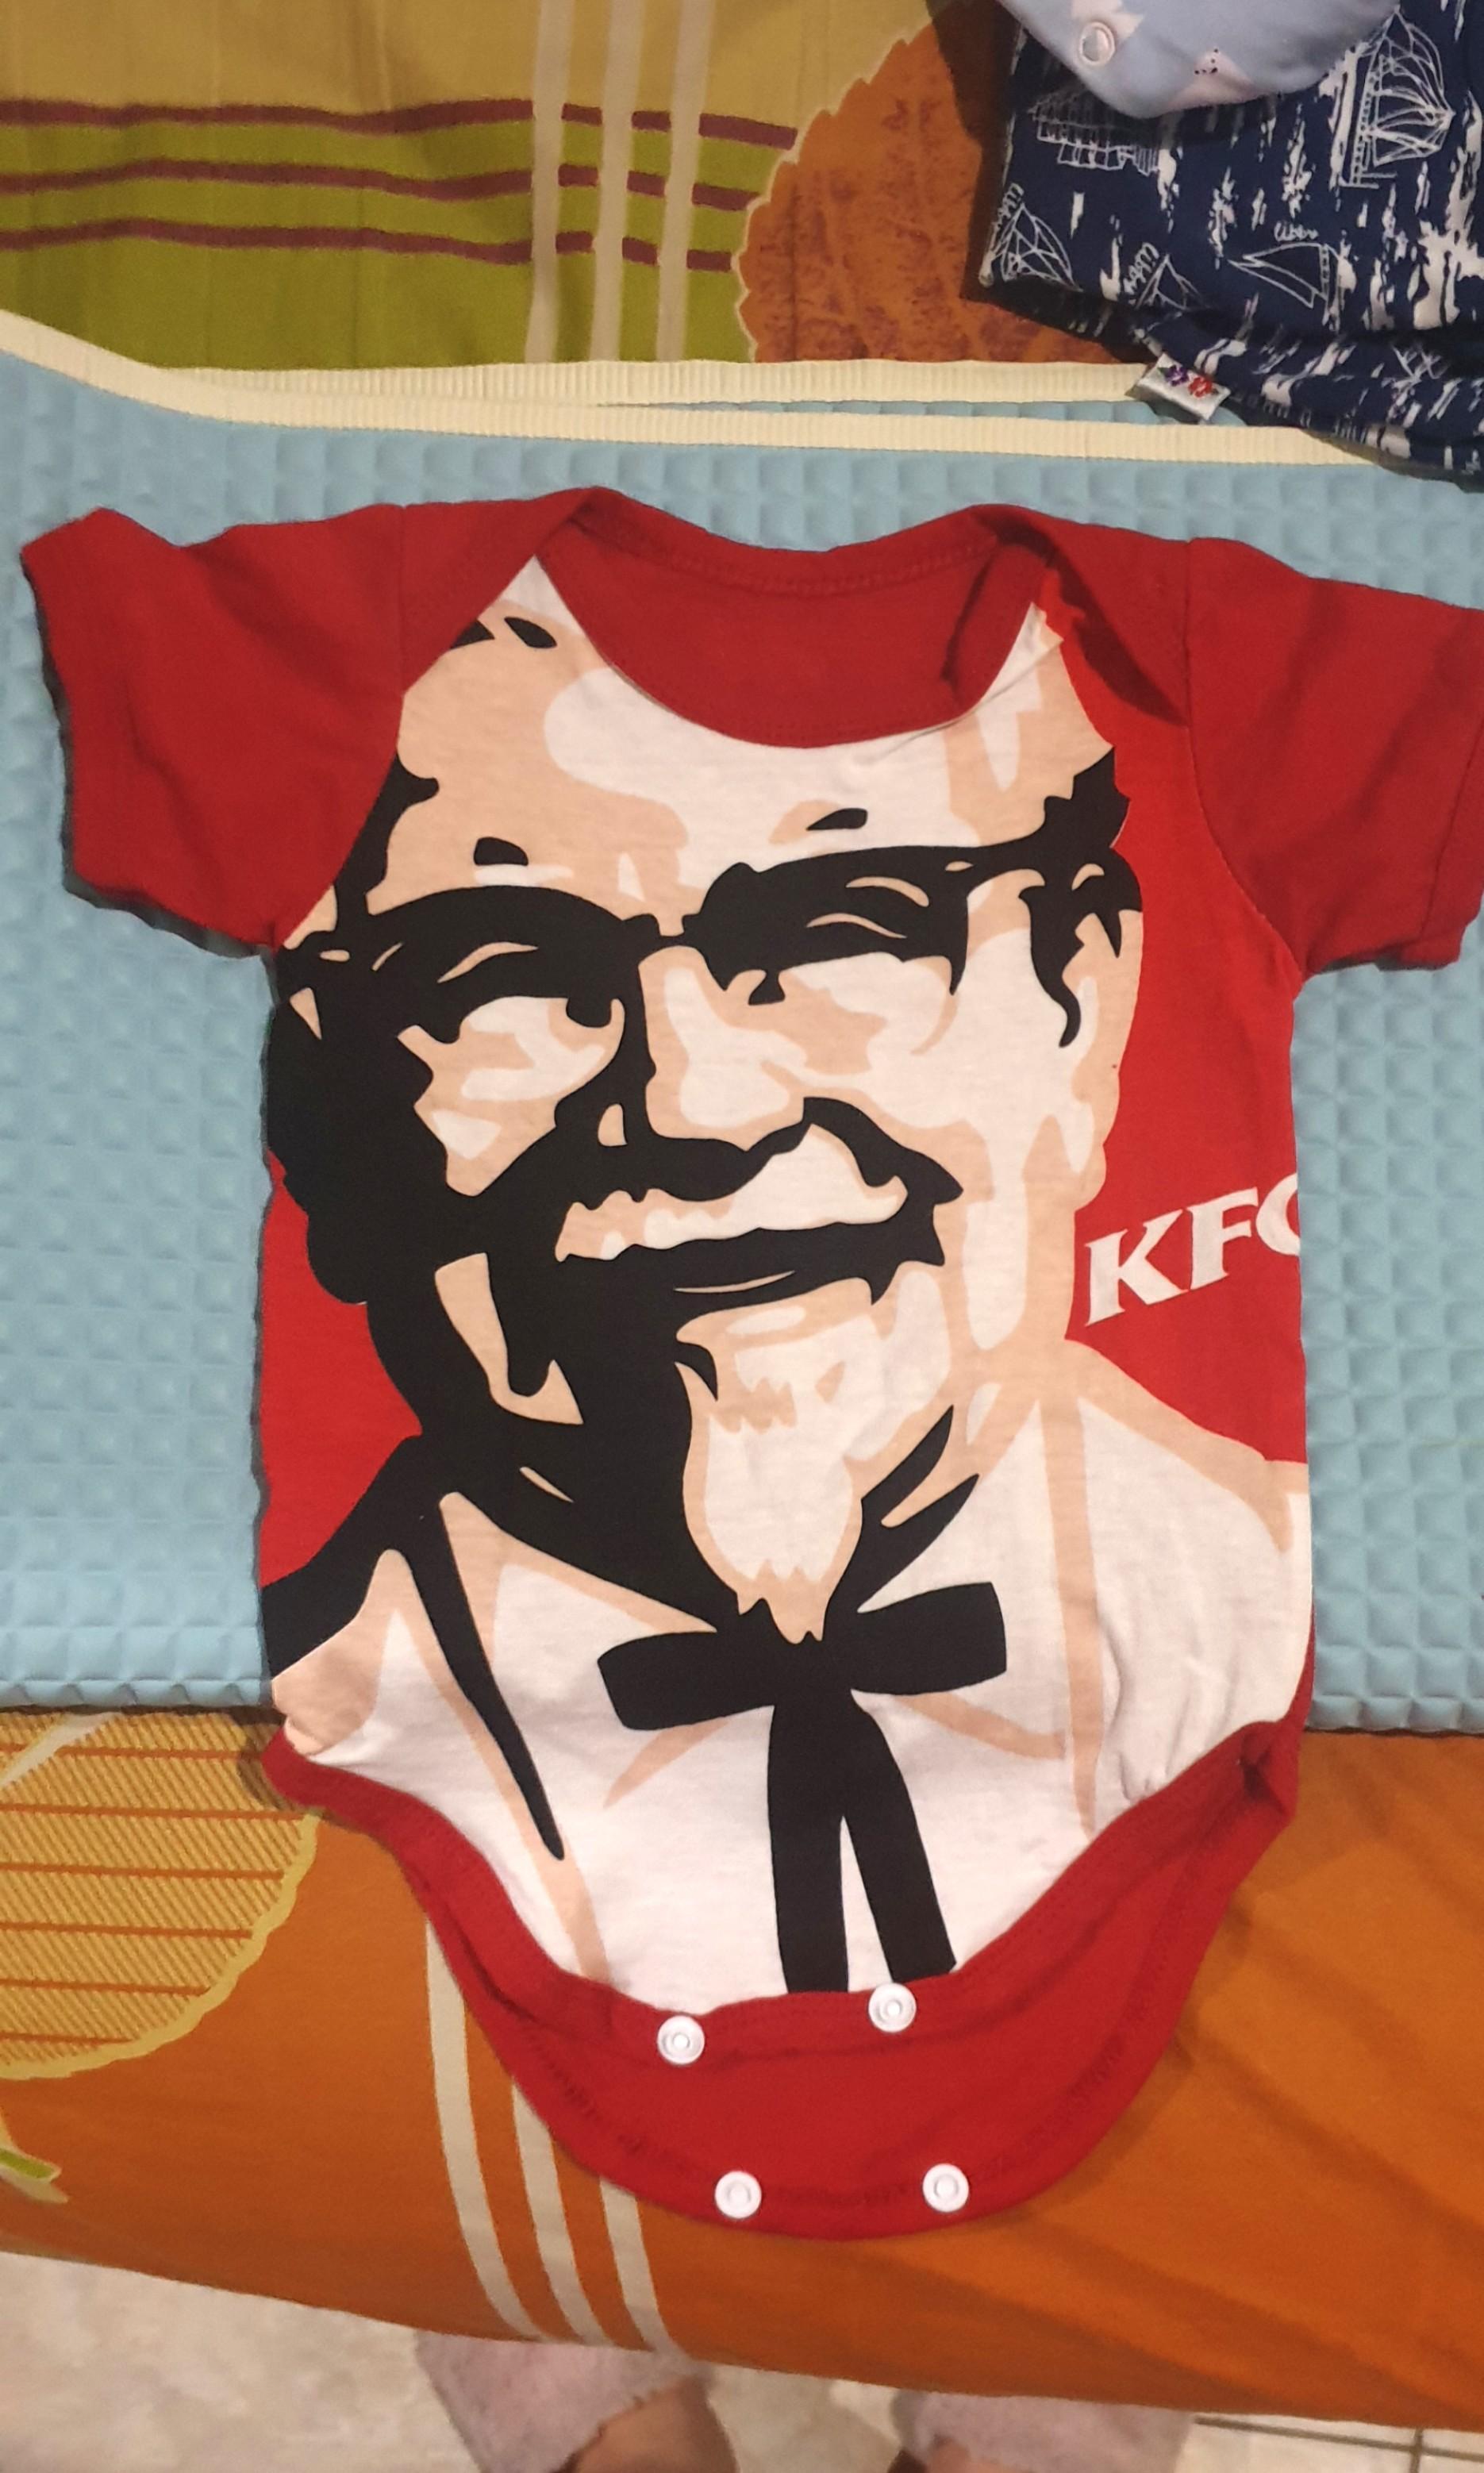 Jumper baby KFC 1x pakai 0-3m